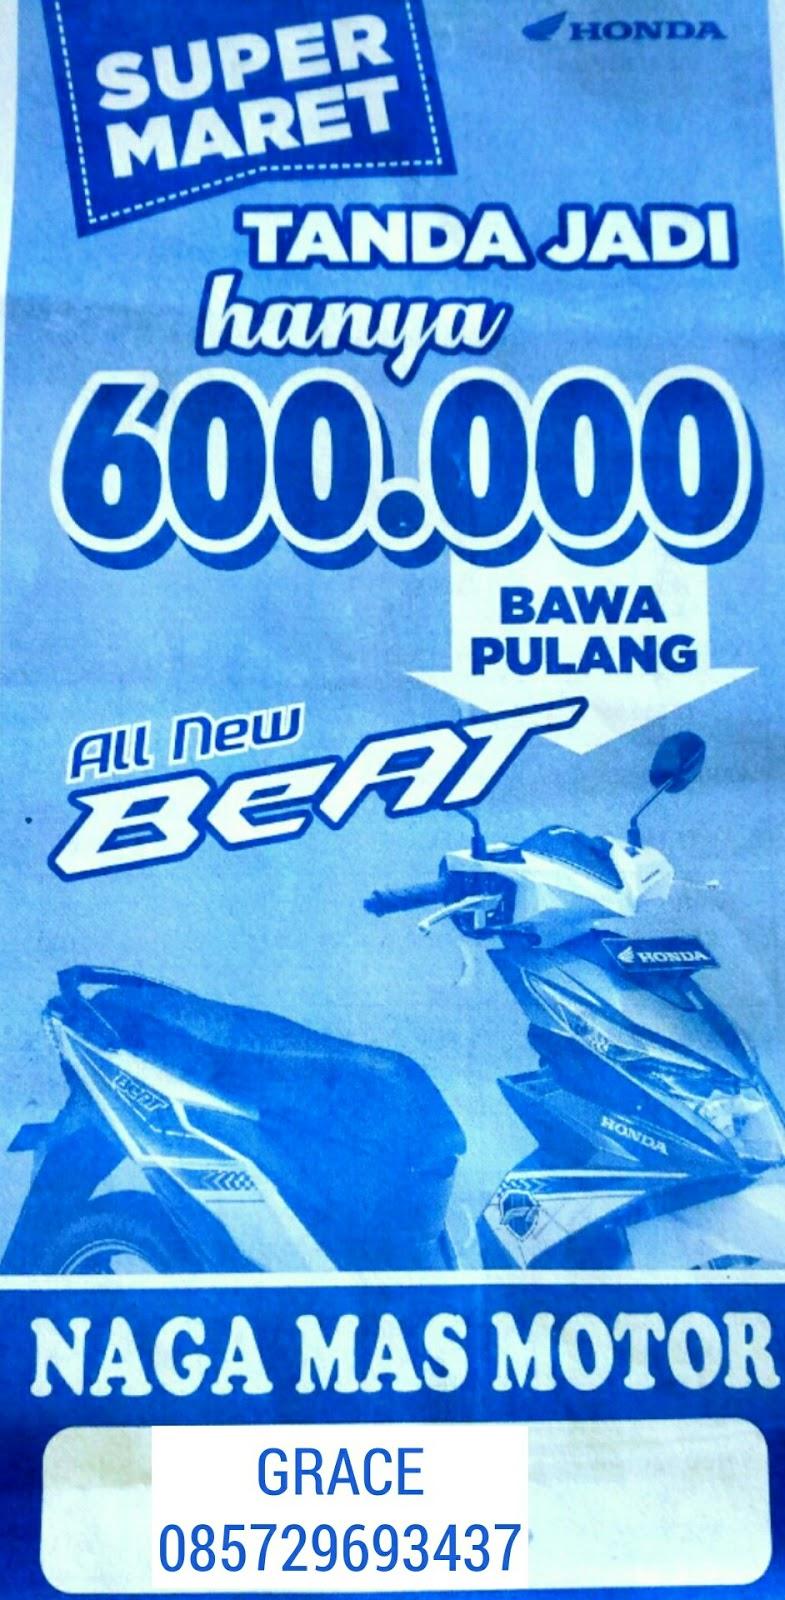 Grace Nagamas Motor Klaten Tengah 2017 All New Vario 150 Esp Exclusive Matte Blue Promo Super Maret Honda Dari Kraguman